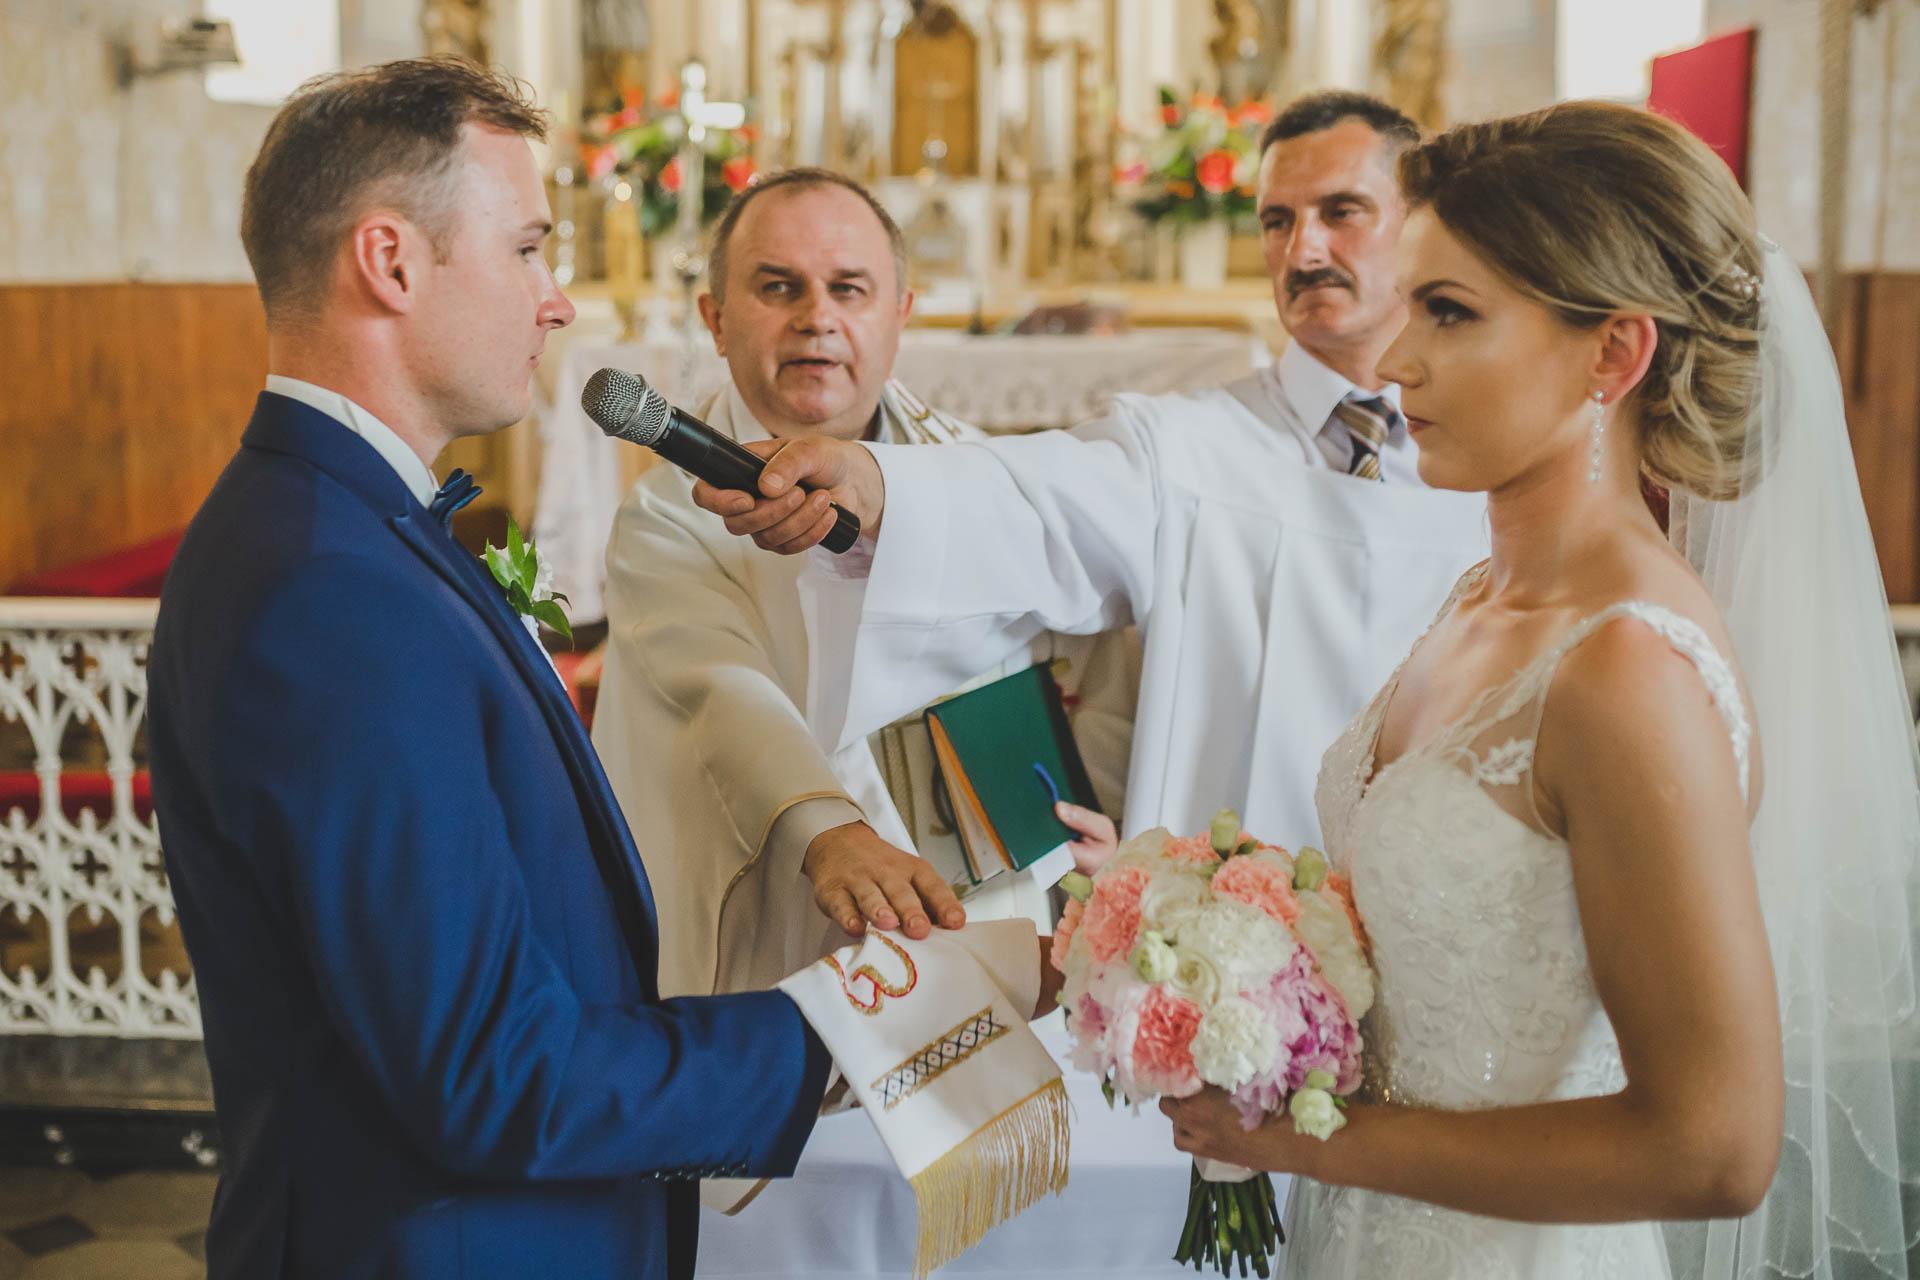 Przysięga małżeńska - pan młody